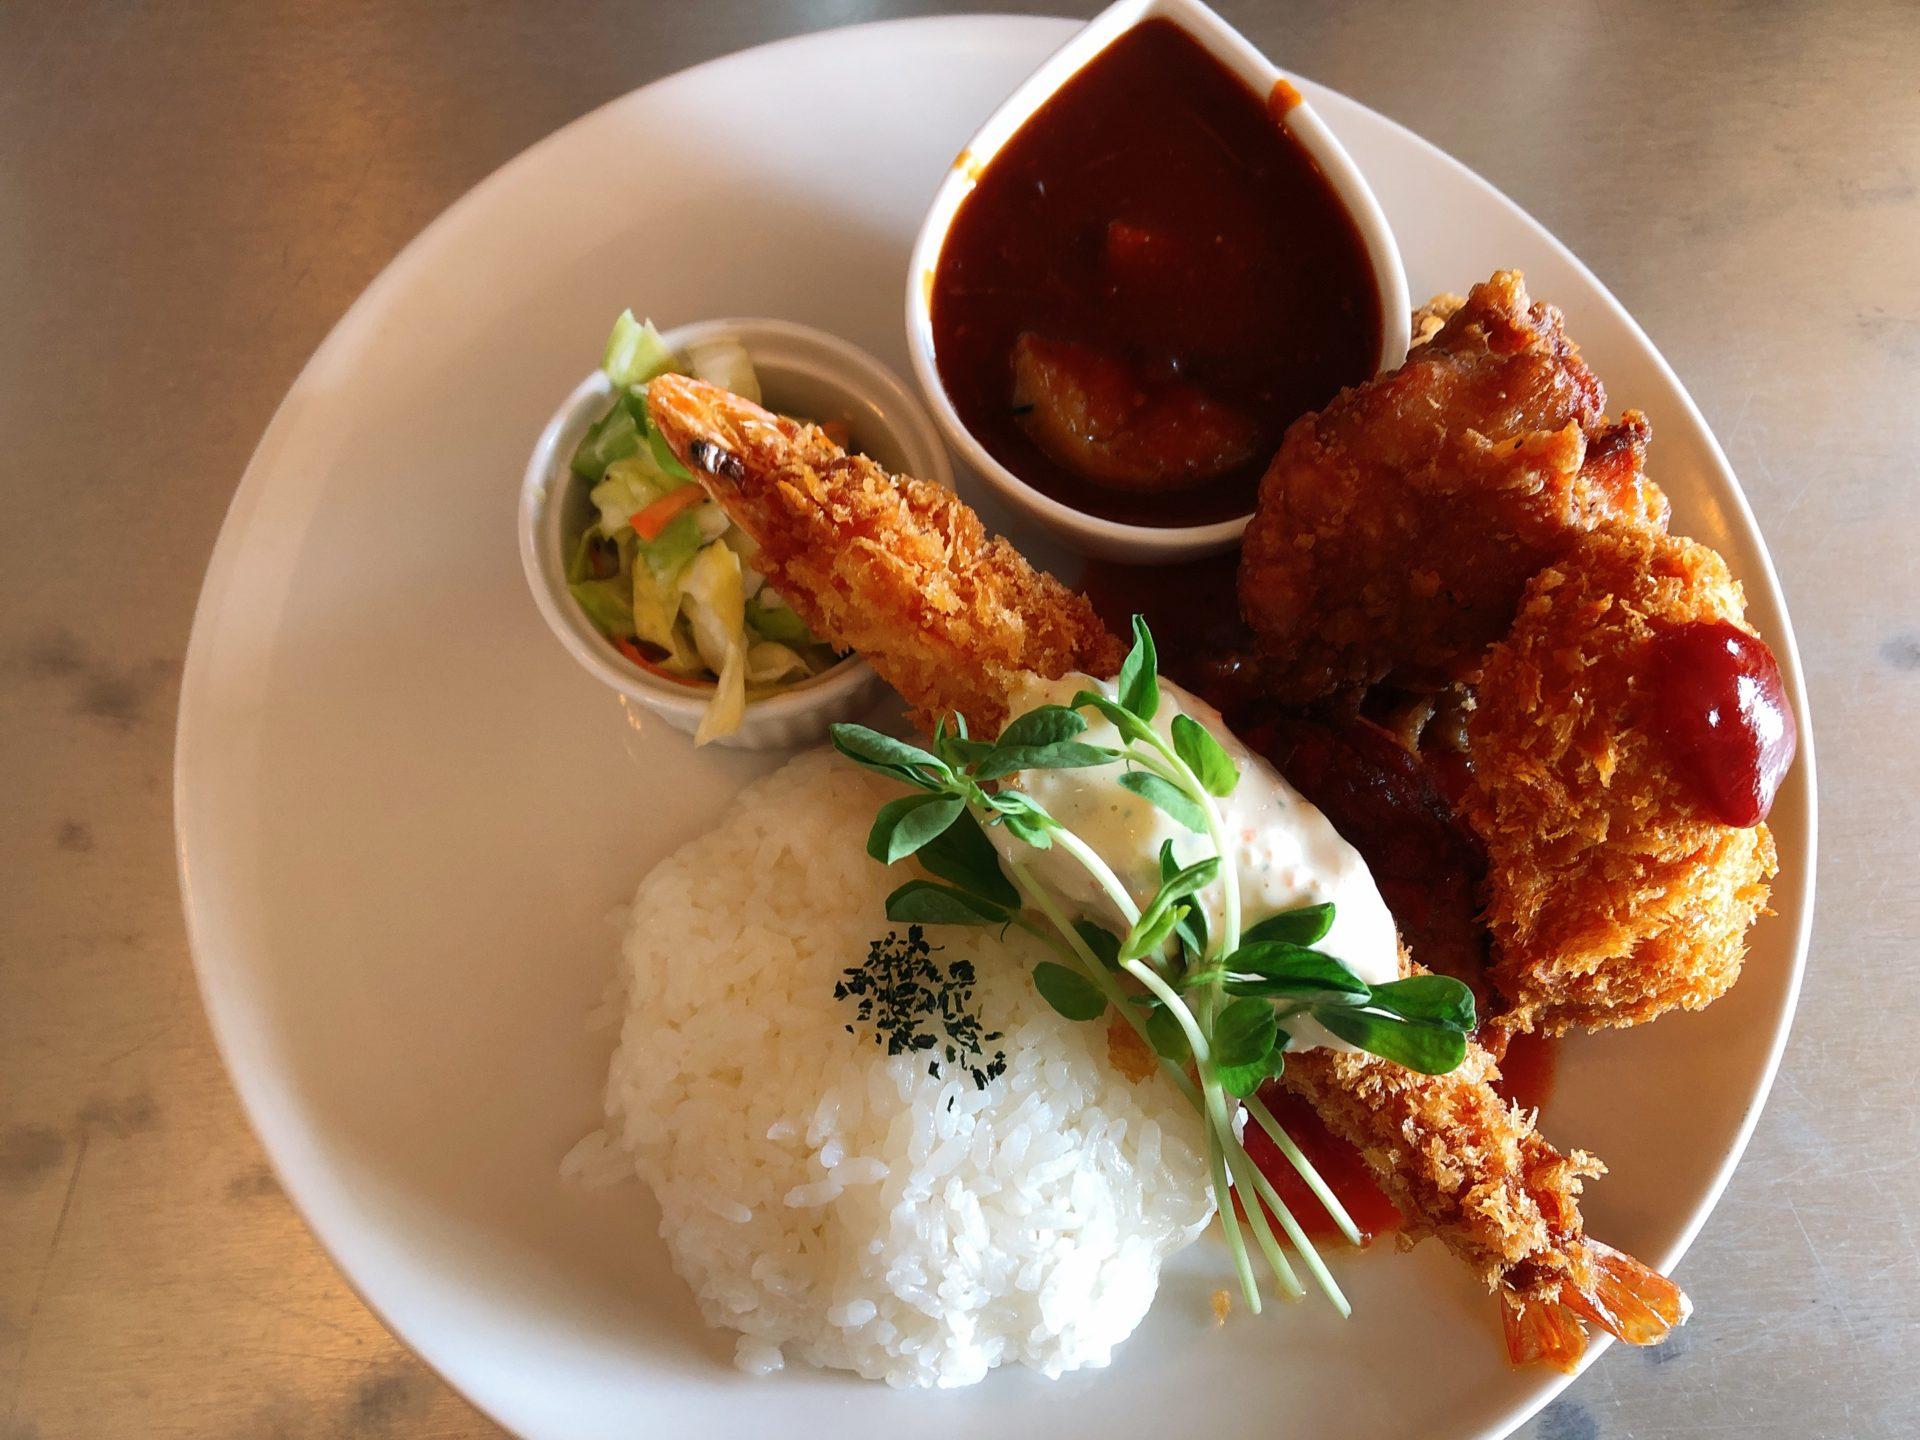 高島駅から車で4分 美味しい洋食のランチが食べられる、懐古喫茶Sakura umi(桜海)は、カレーも人気!